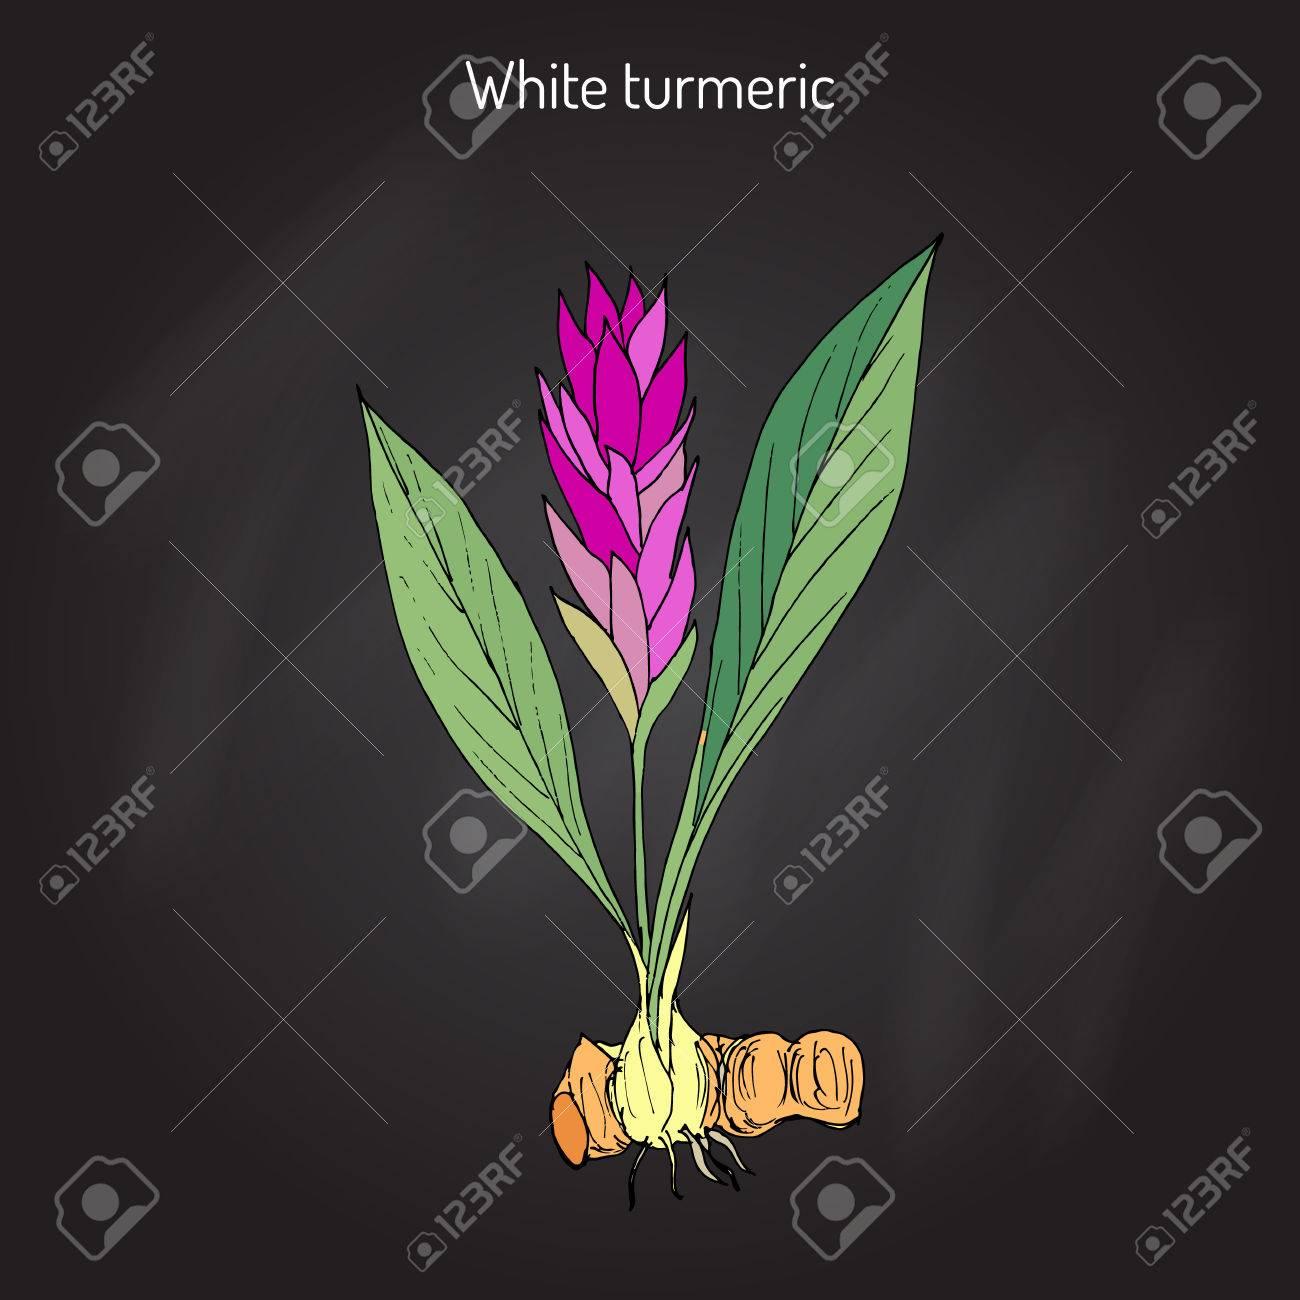 Curcuma zedoaria, zedoary, white turmeric or kentjur in black background. - 73689837